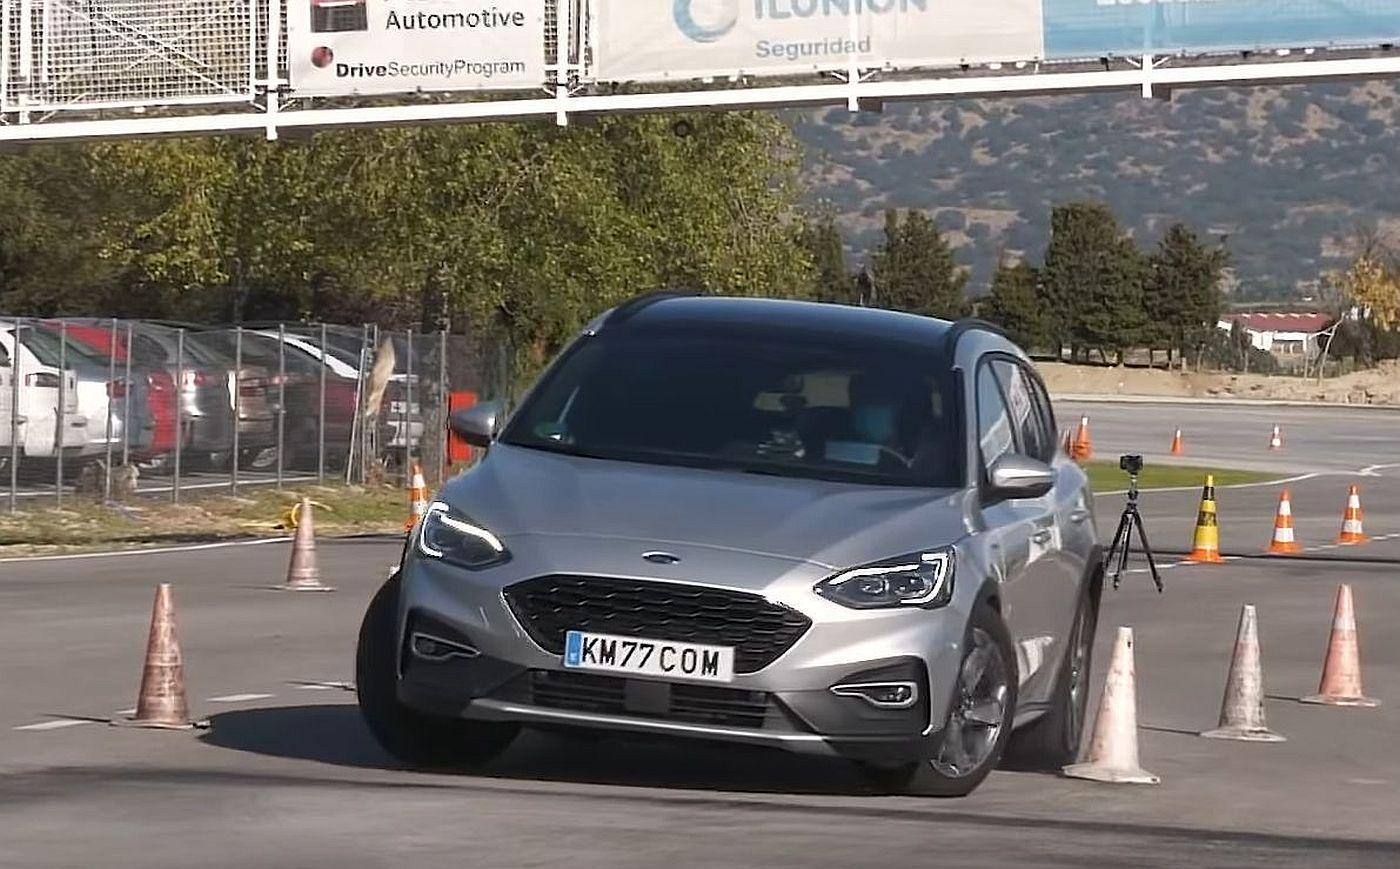 Ford Focus Sportbreak test